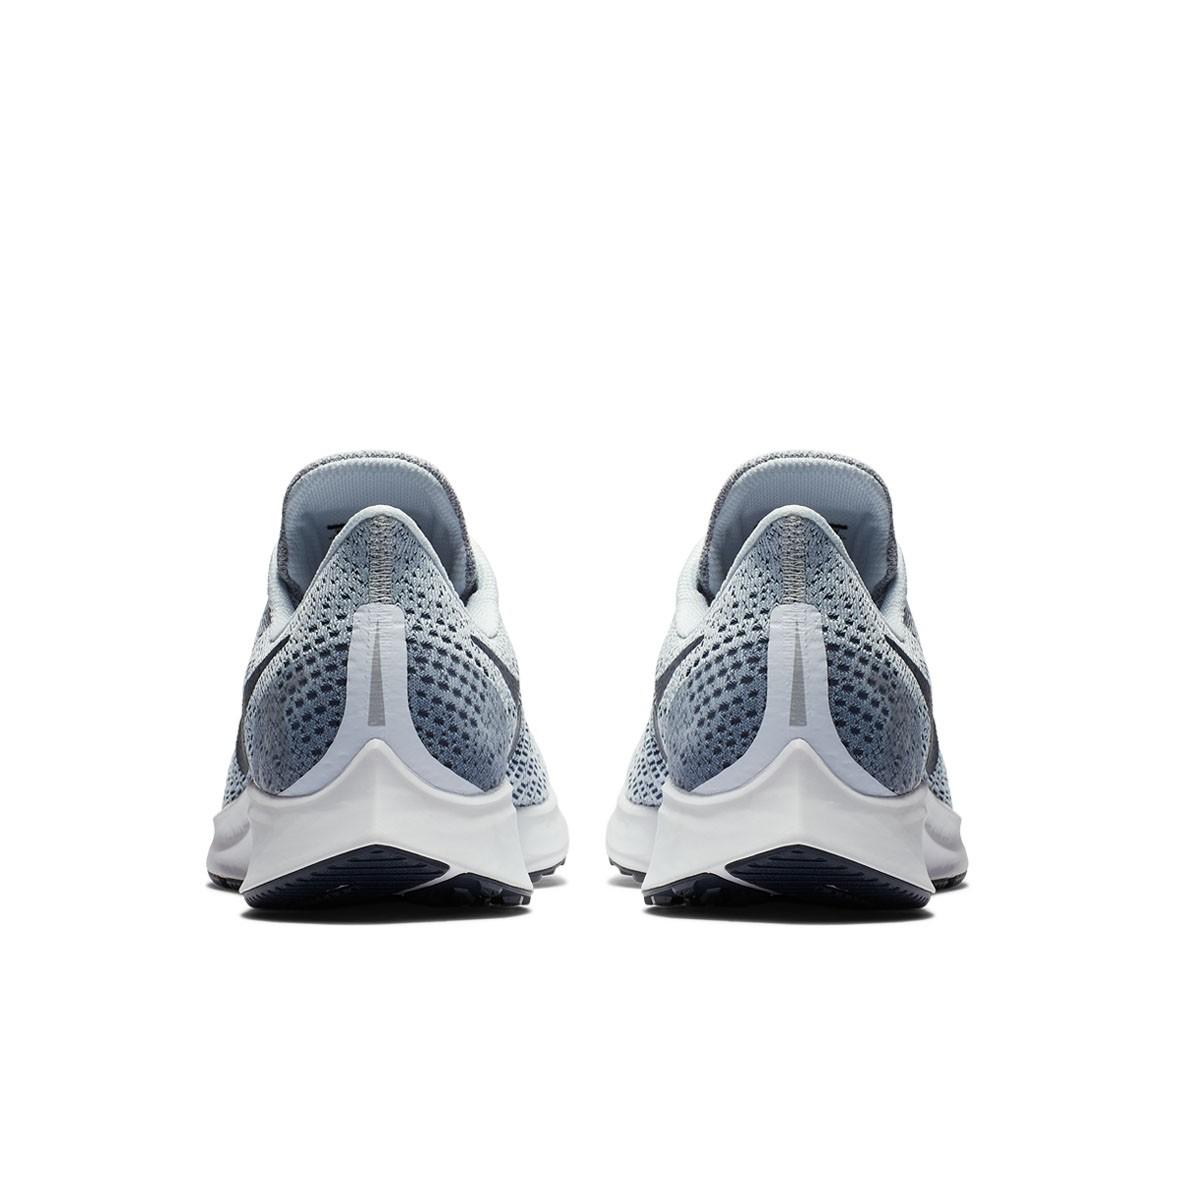 Nike Air Zoom Pegasus 35 'Football Grey' 942851-012